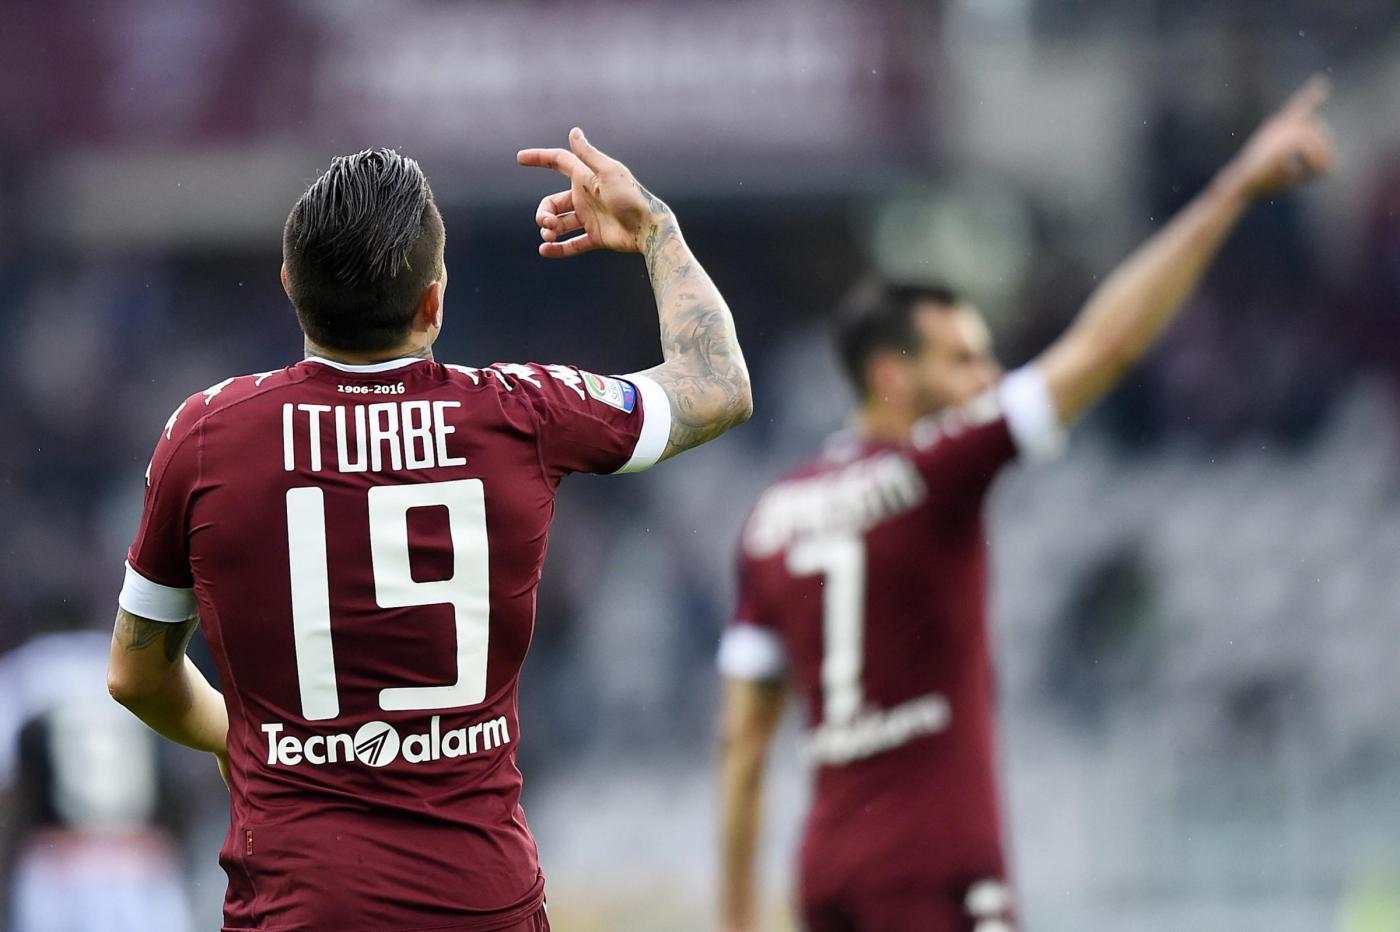 Iturbe (Foto LaPresse/ Fabio Ferrari)